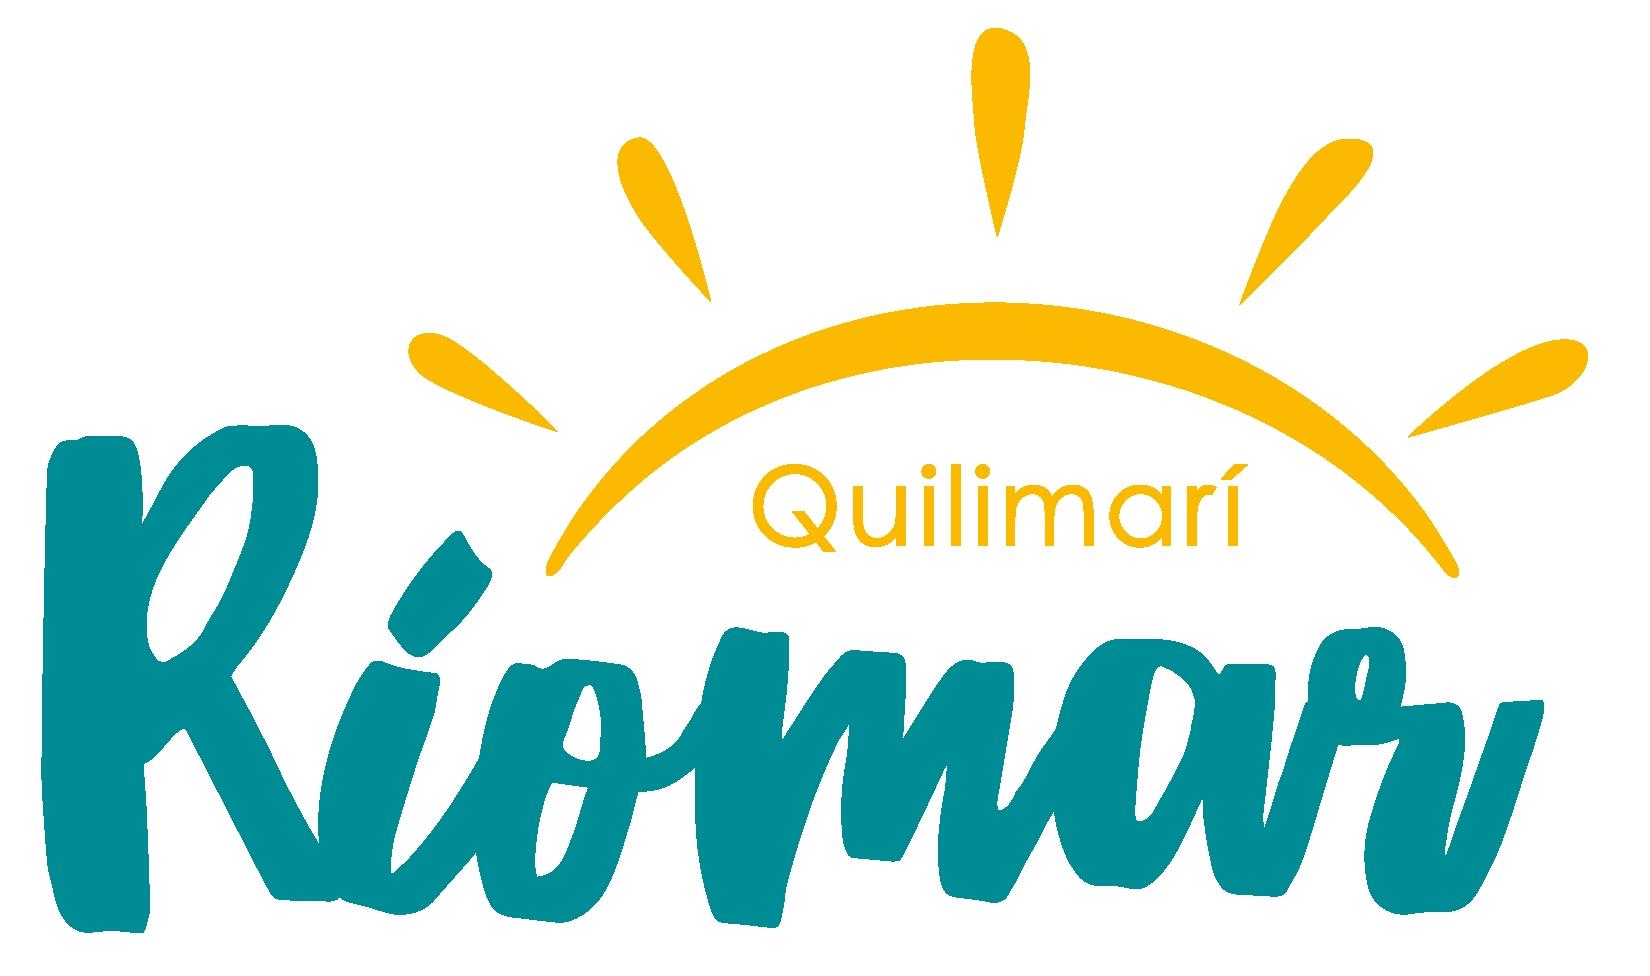 RioMar - Quilimarí